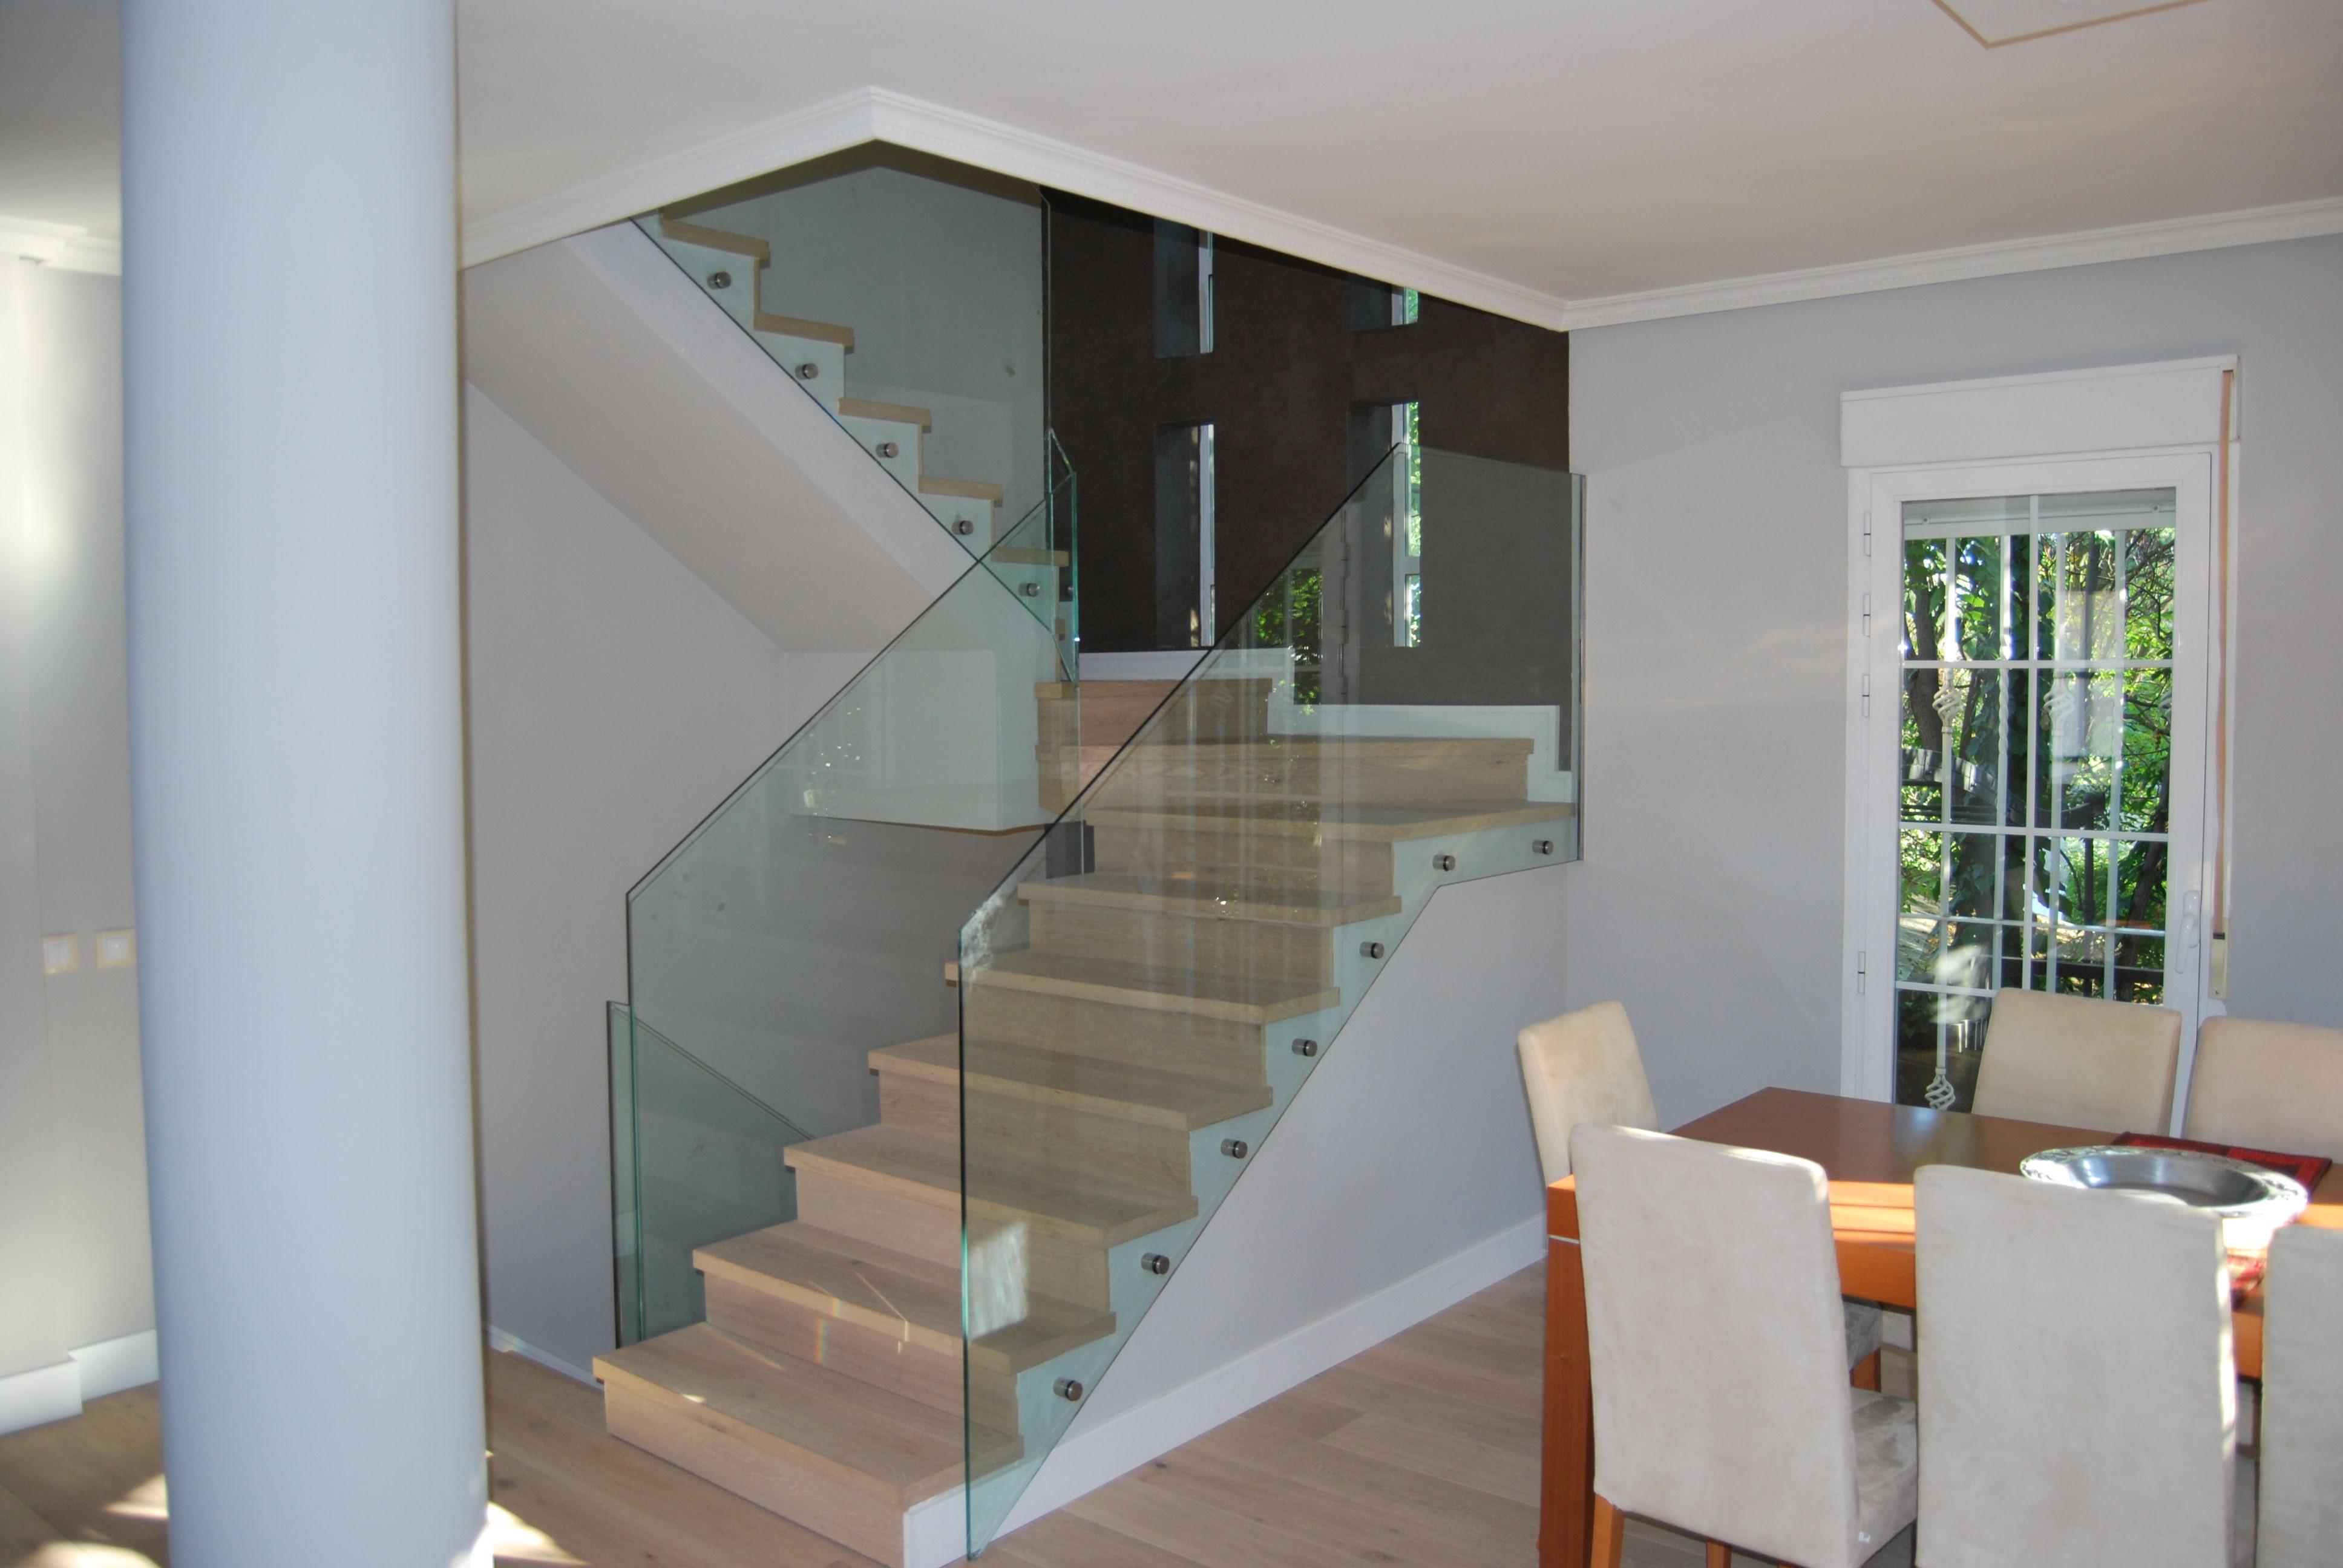 Barandillas de cristal - Barandillas de escaleras ...